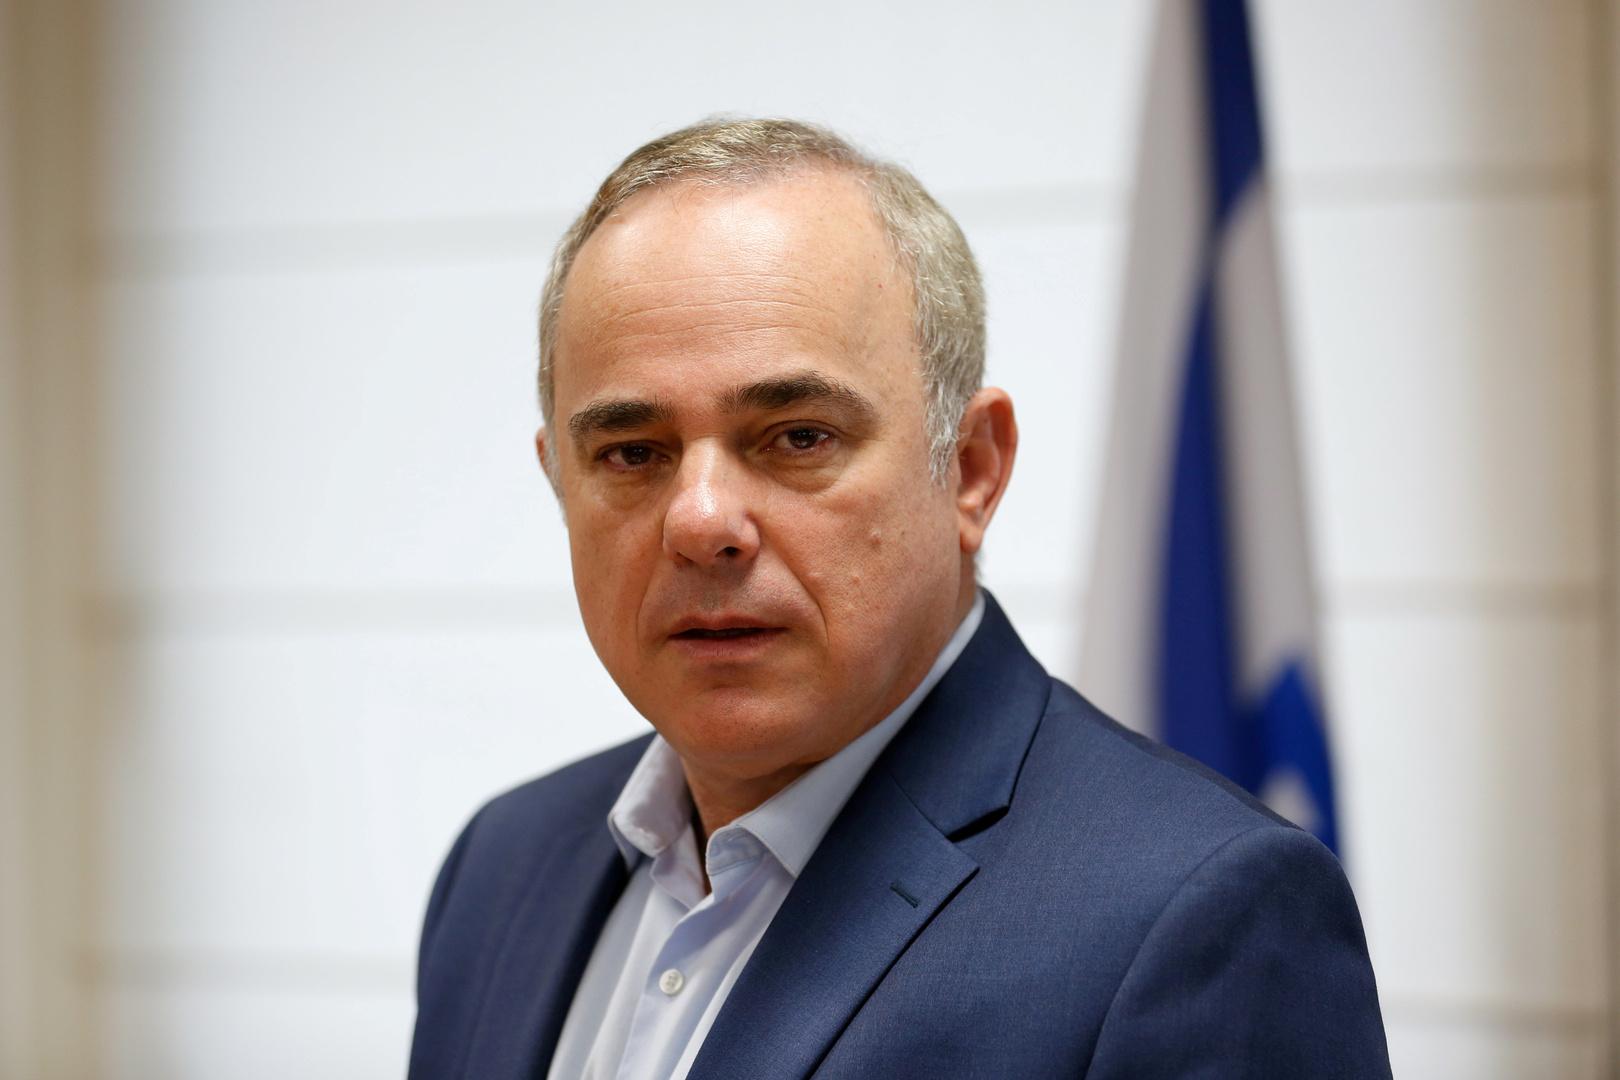 وزير الطاقة الإسرائيلي يتلقى دعوة لحضور مؤتمر تحت رعاية أردوغان